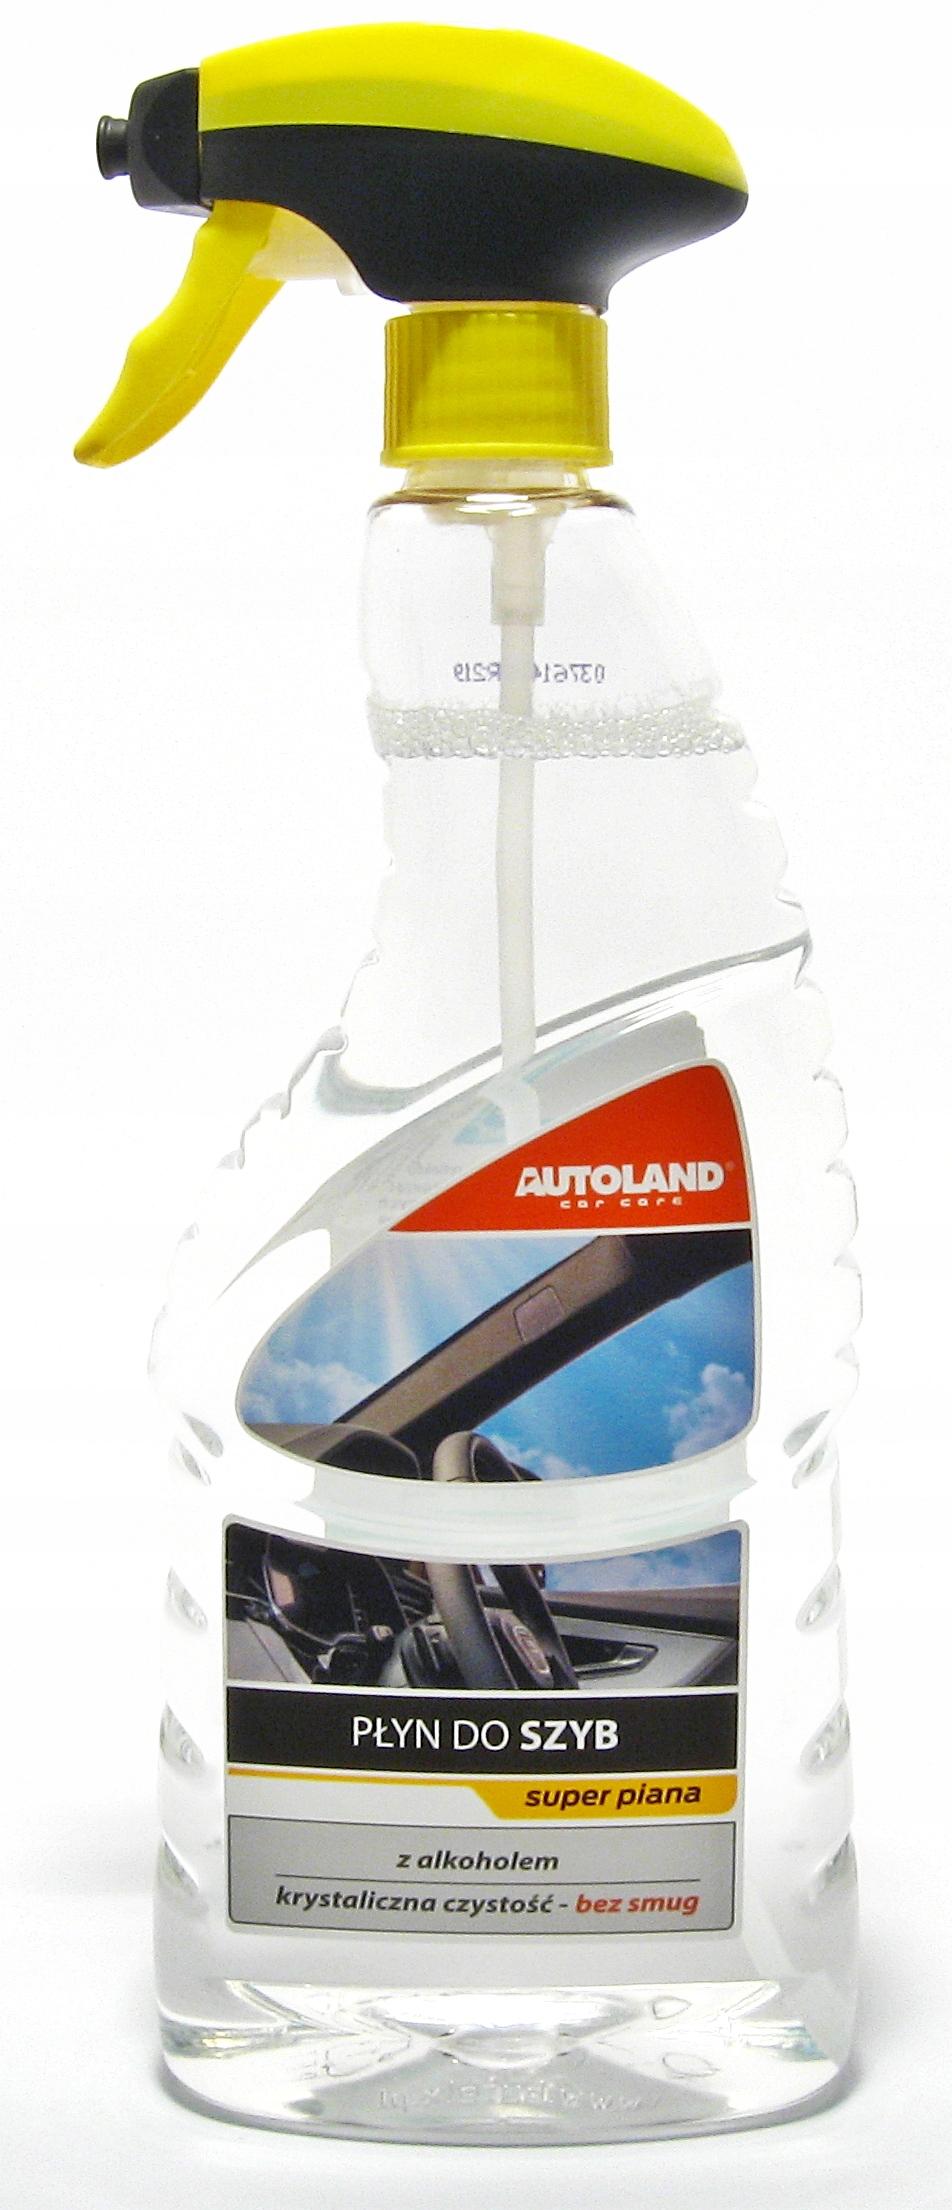 Autoland - жидкость для мытья стекол, зеркал, 750 мл